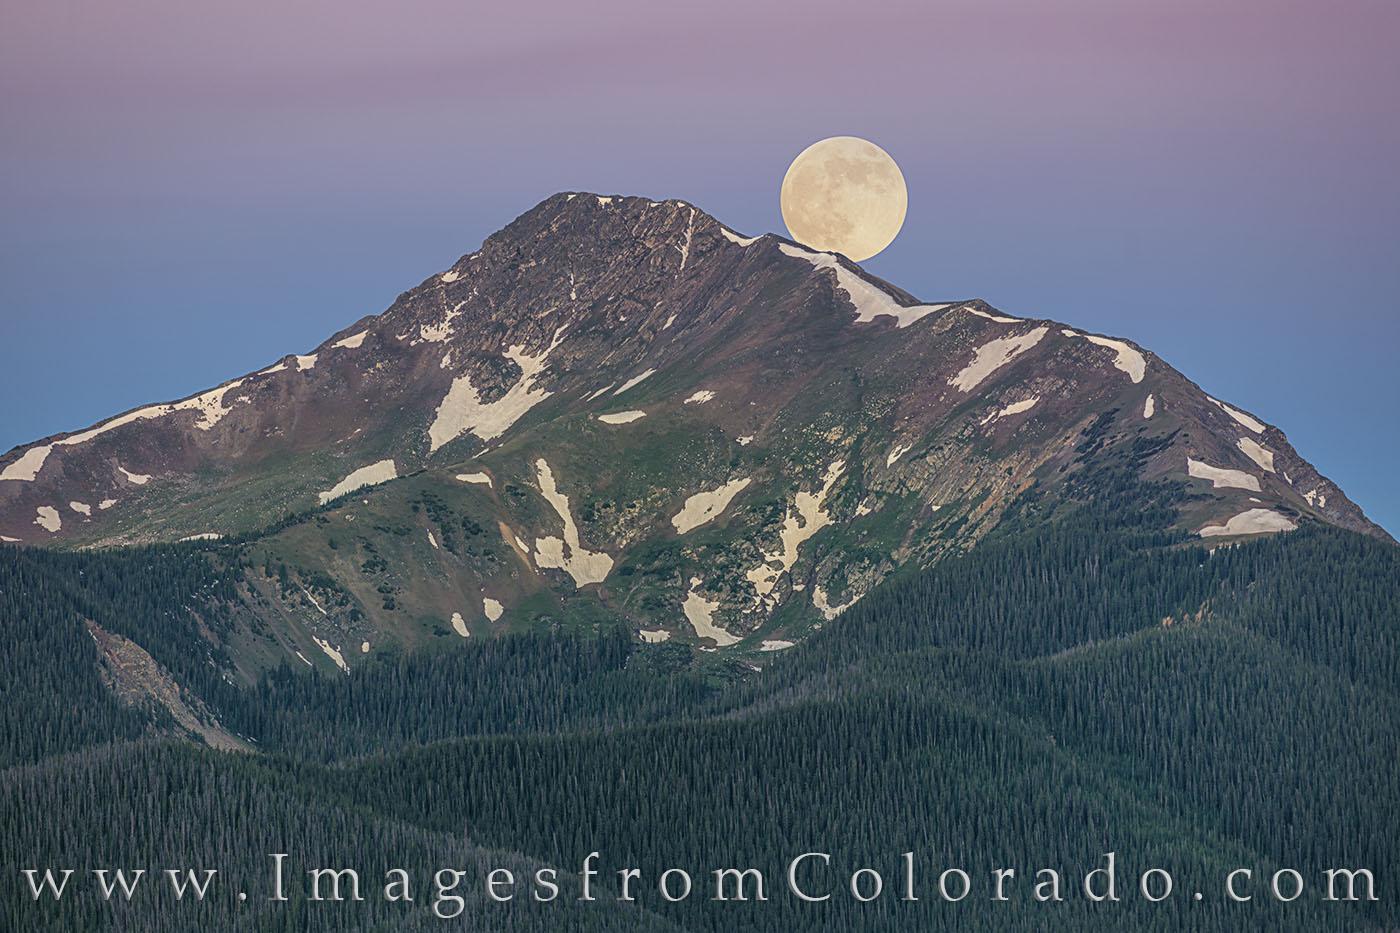 byers peak, full moon, fraser, grand county, full moon, moonset, morning, cold, winter park, photo